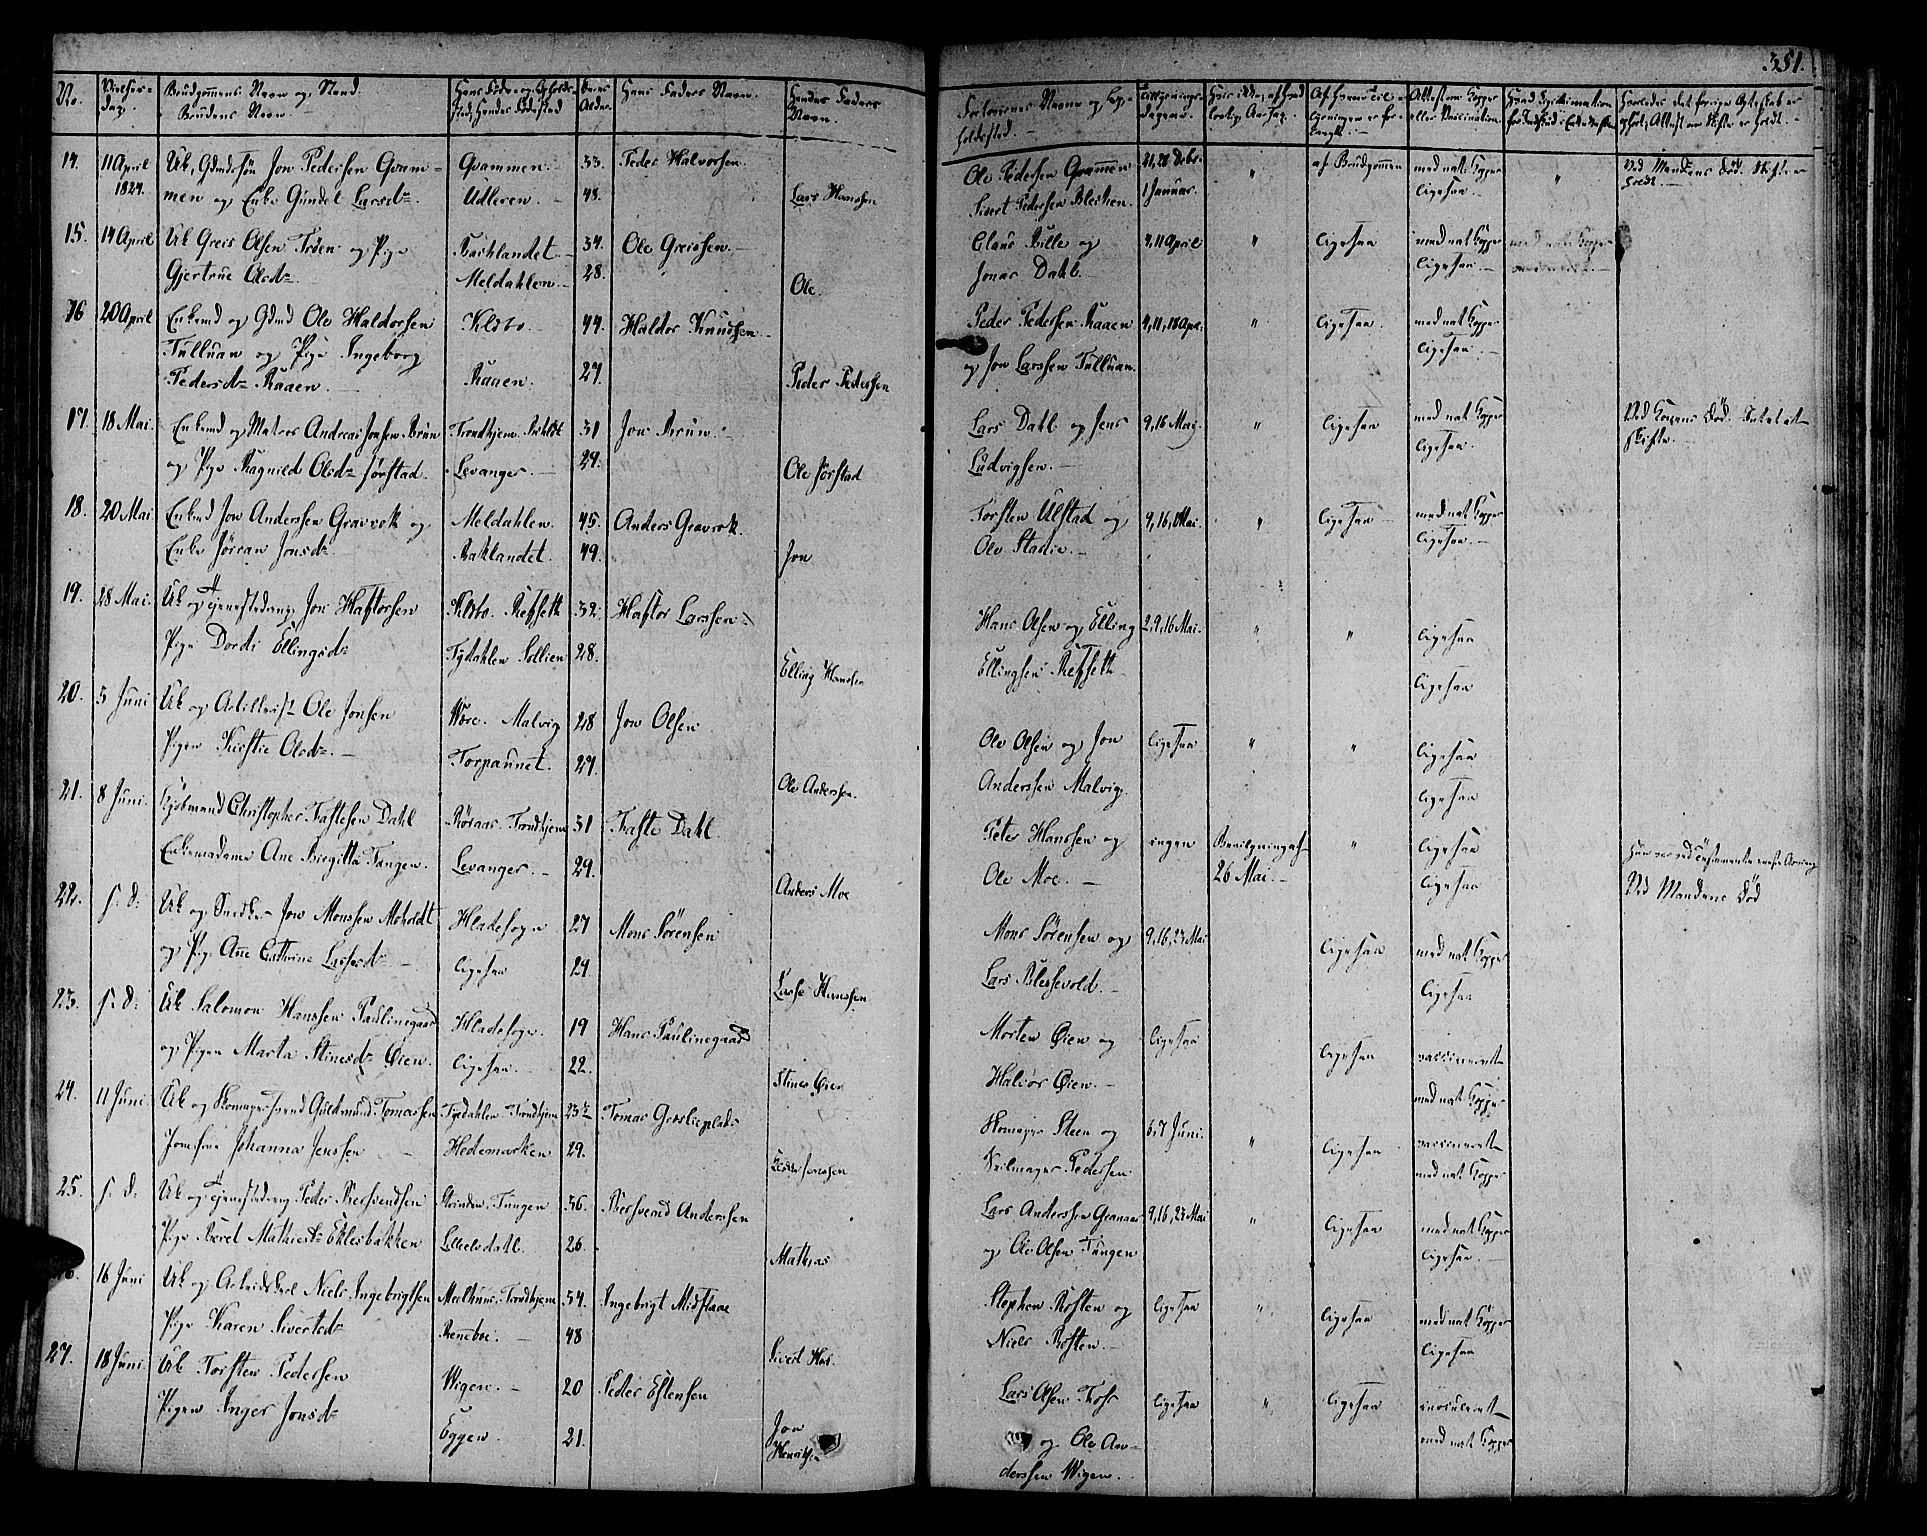 SAT, Ministerialprotokoller, klokkerbøker og fødselsregistre - Sør-Trøndelag, 606/L0286: Ministerialbok nr. 606A04 /1, 1823-1840, s. 351